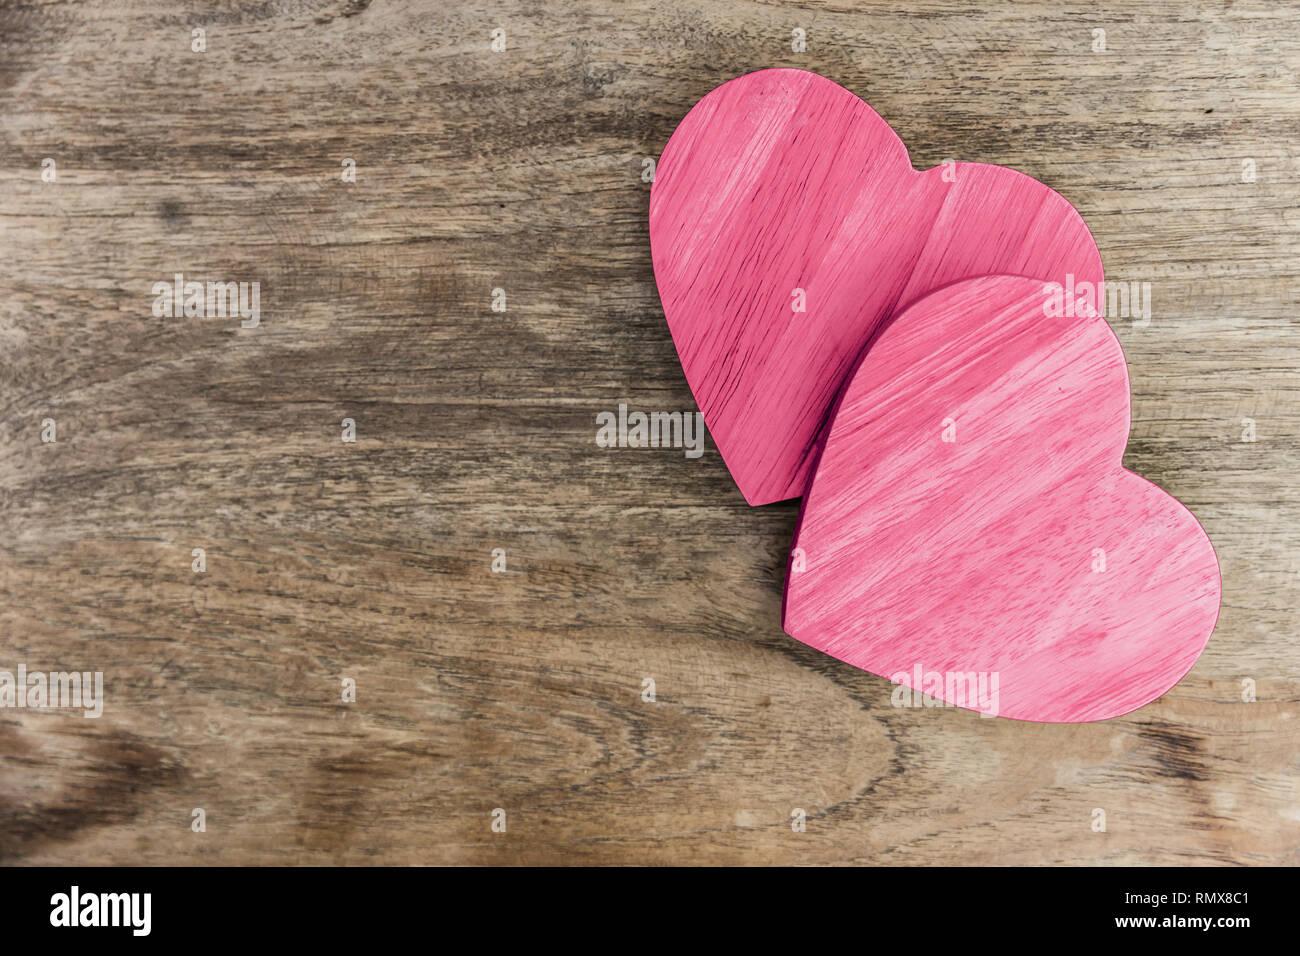 Kopieren herz symbol zum Herzzeichen